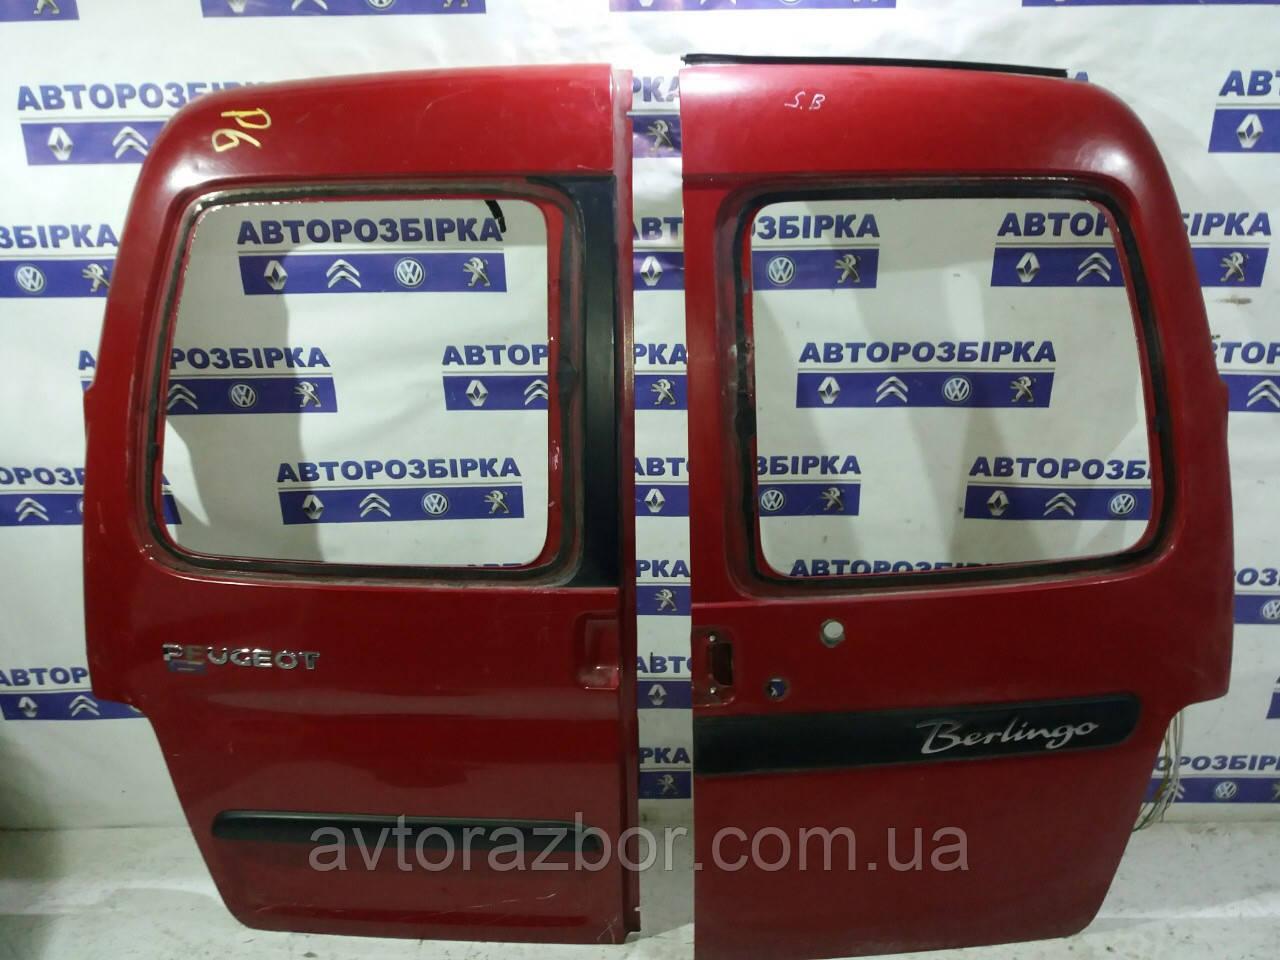 Дверь задняя левая правая ляды распашонка Citroen Berlingo 2003-2008 Ситроен Берлинго Сітроен Берлінго